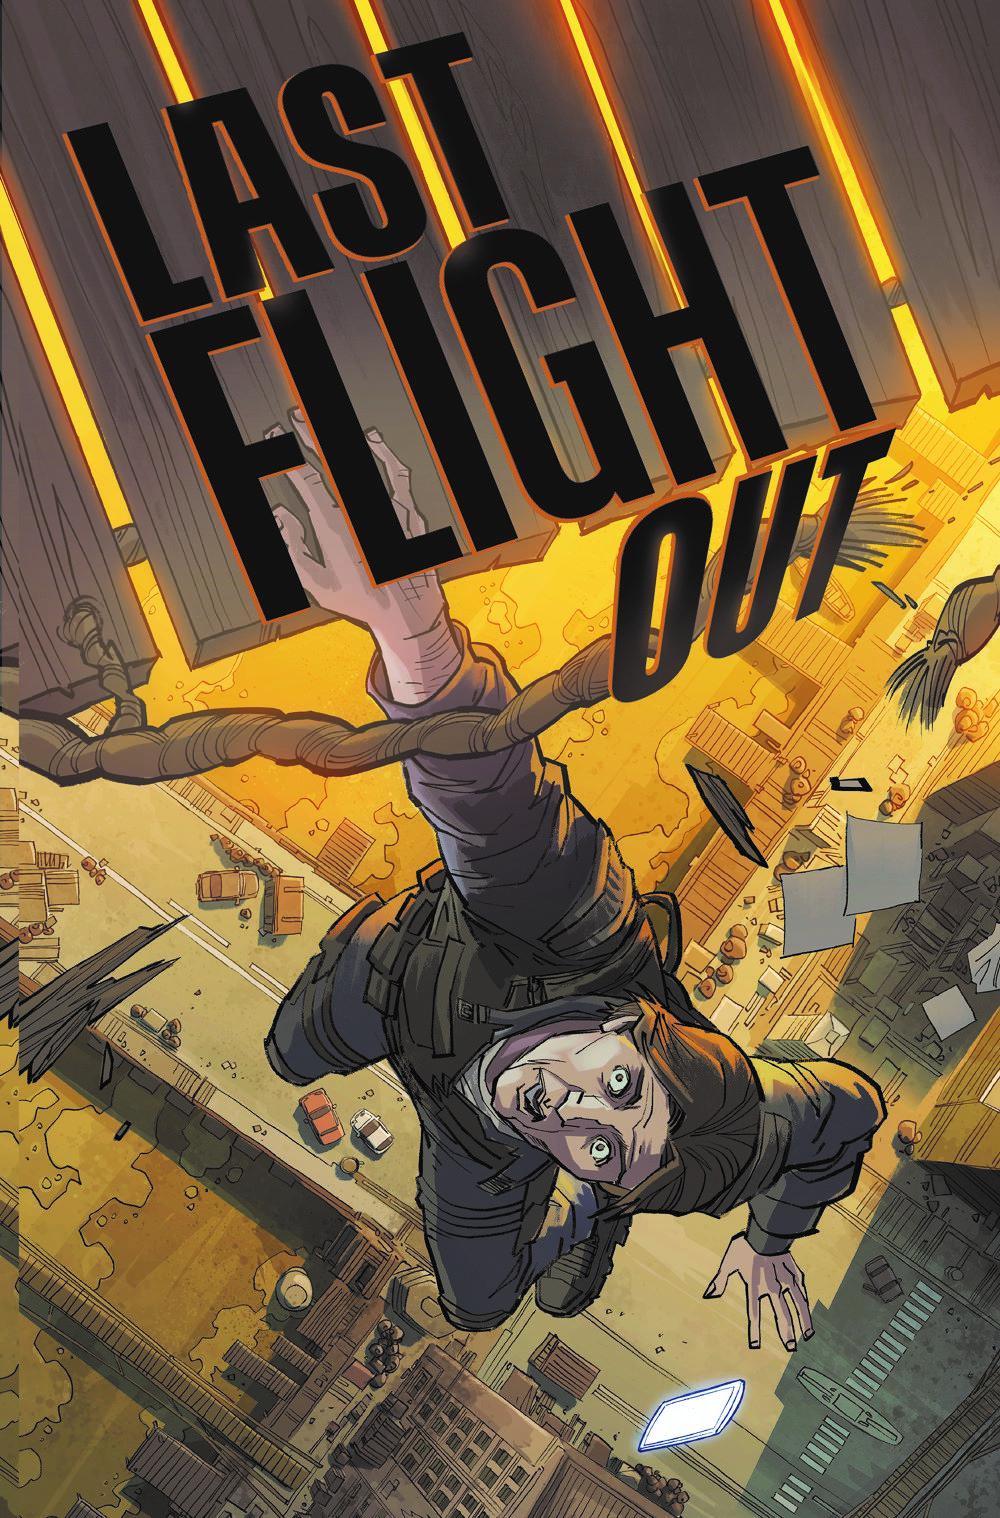 LFO_i2_FC_FNL-copy Dark Horse Comics October 2021 Solicitations